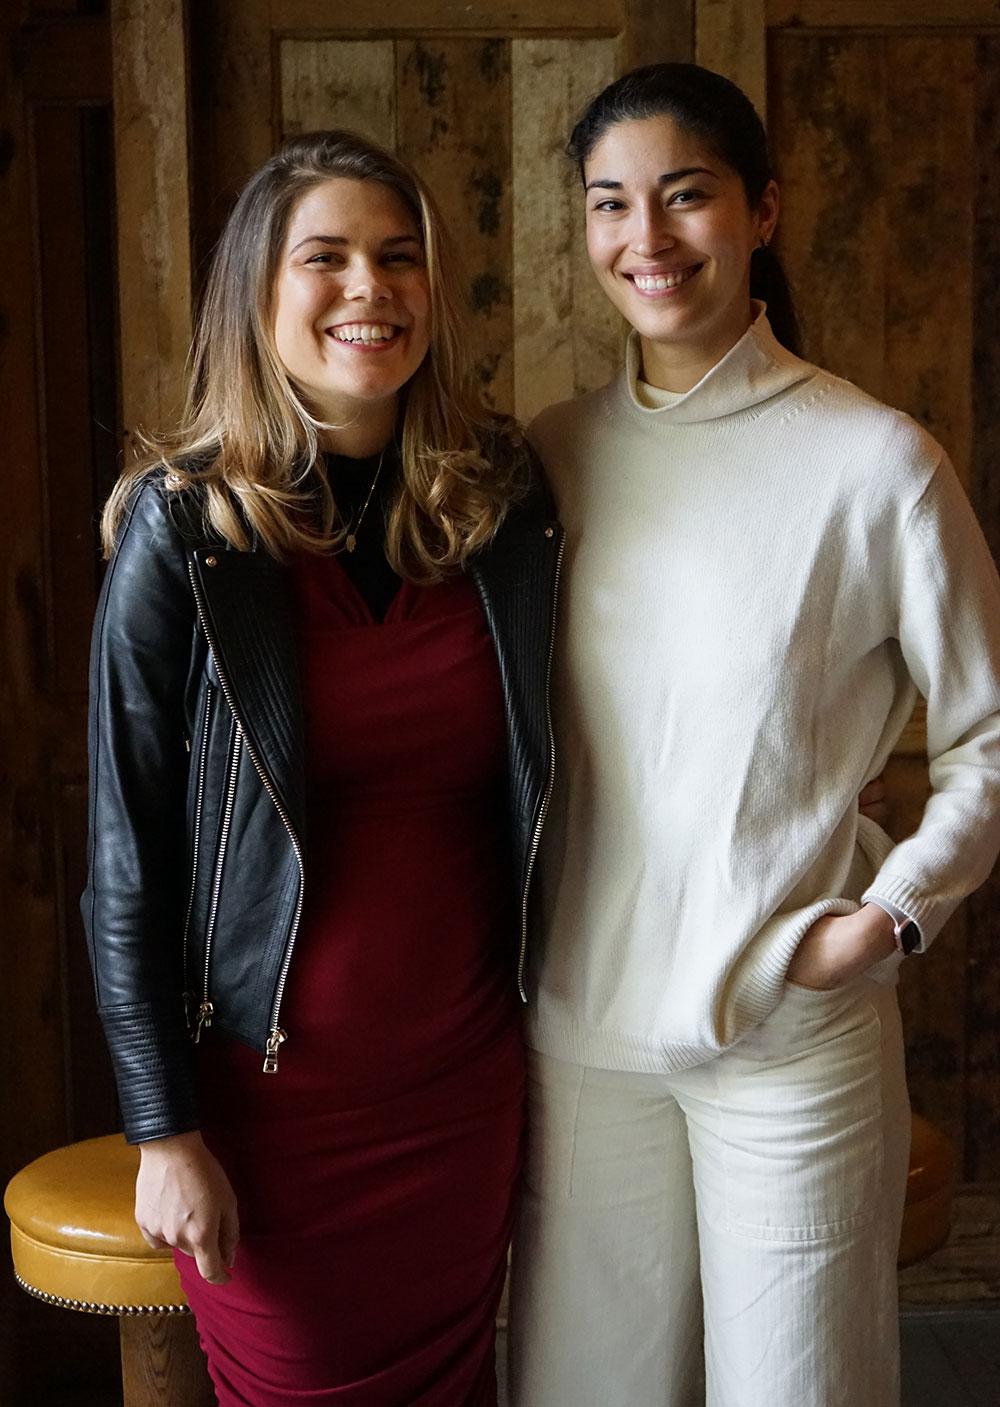 Madeleine Shaw and Caroline Issa at the Bicester Village #Brunchtalks event